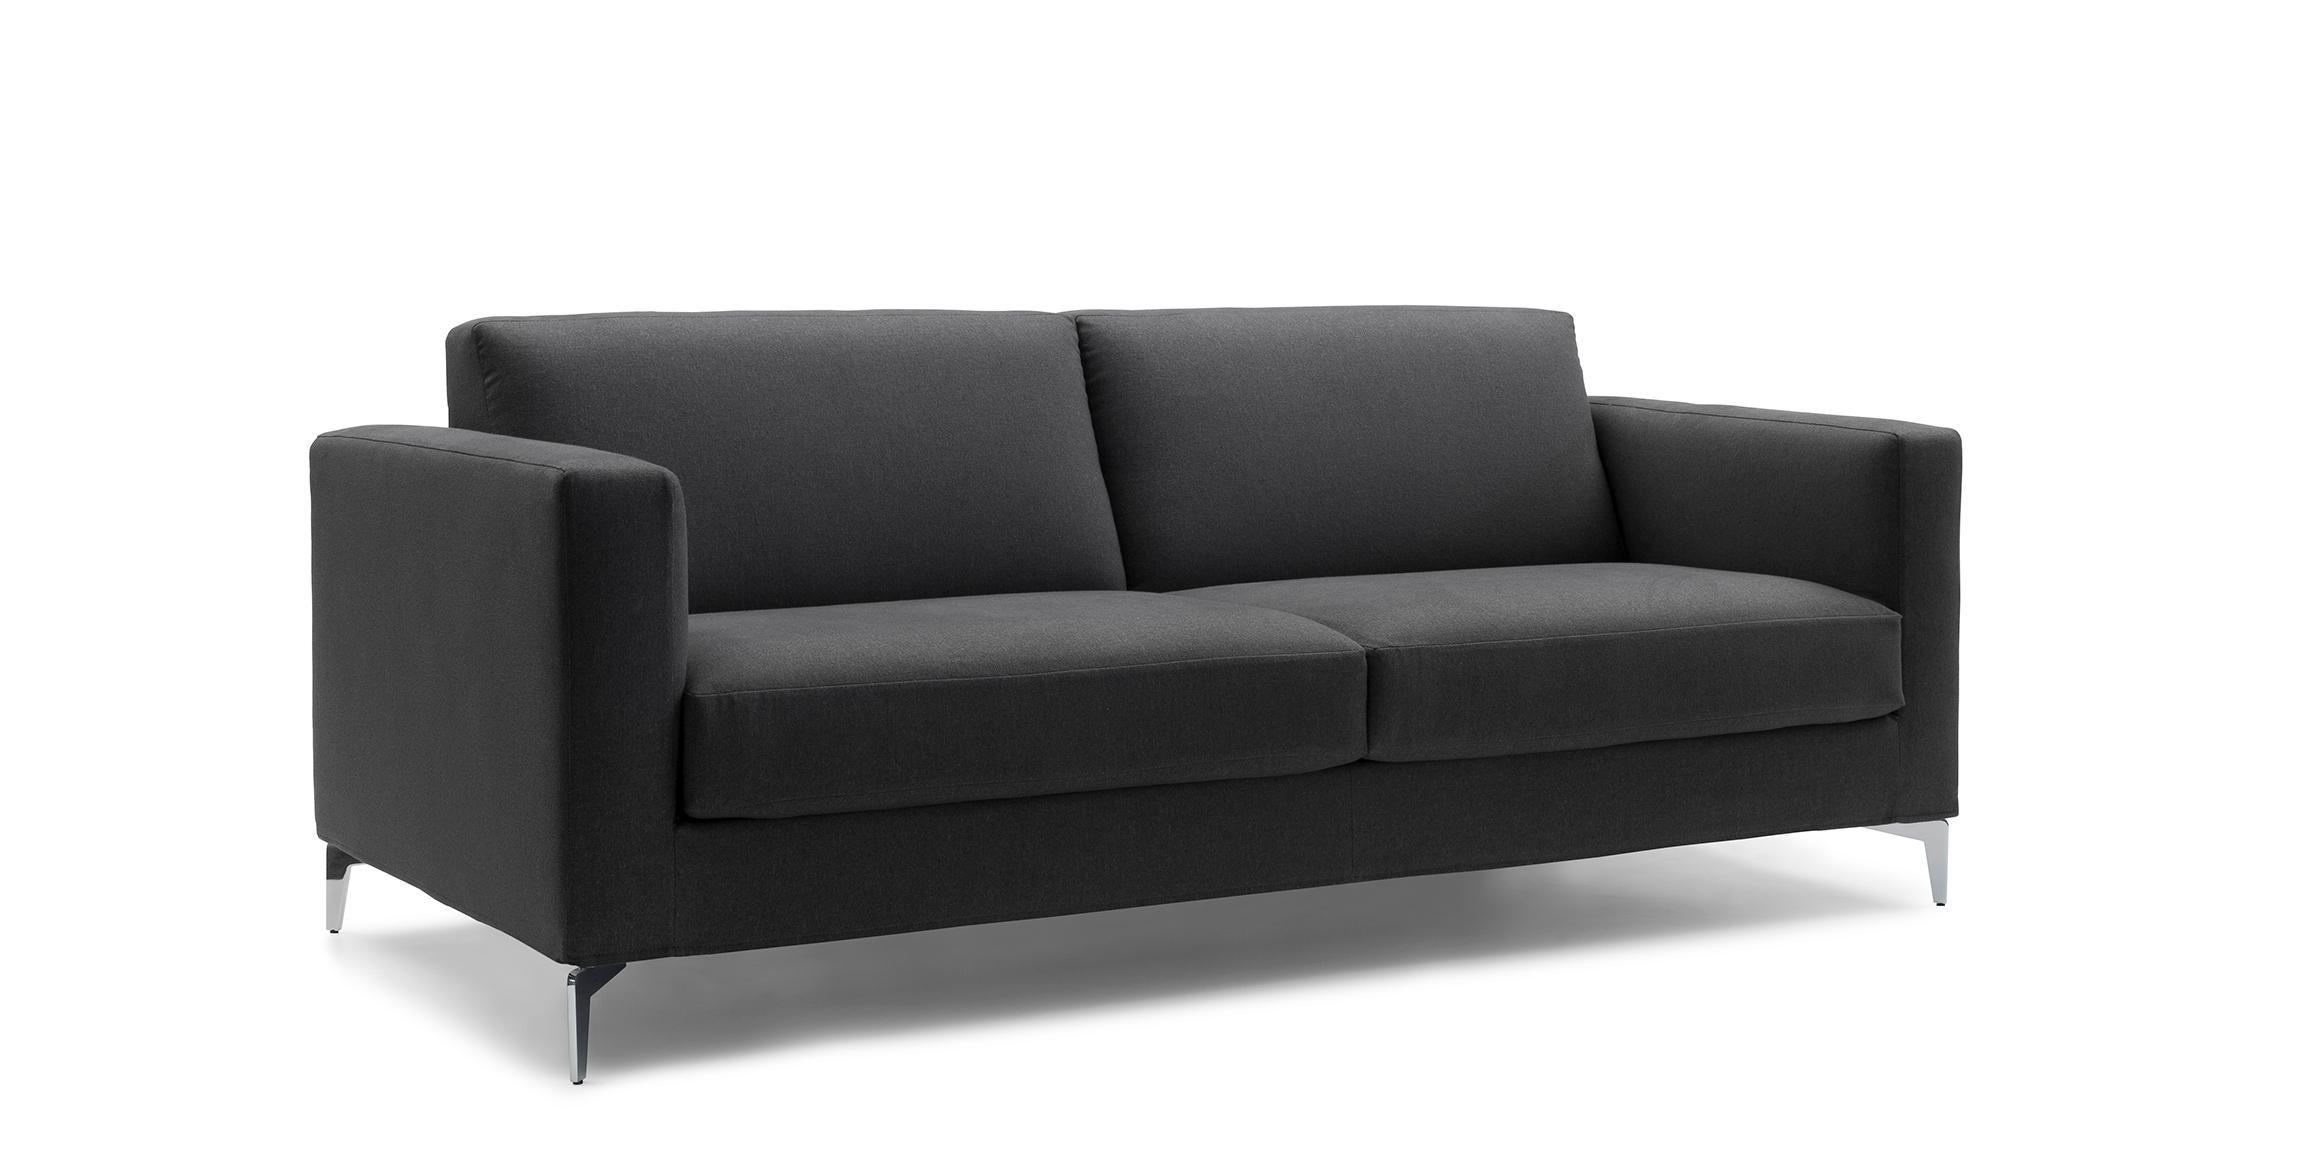 Contemporary Italian Sofa Bed Made In Italy New